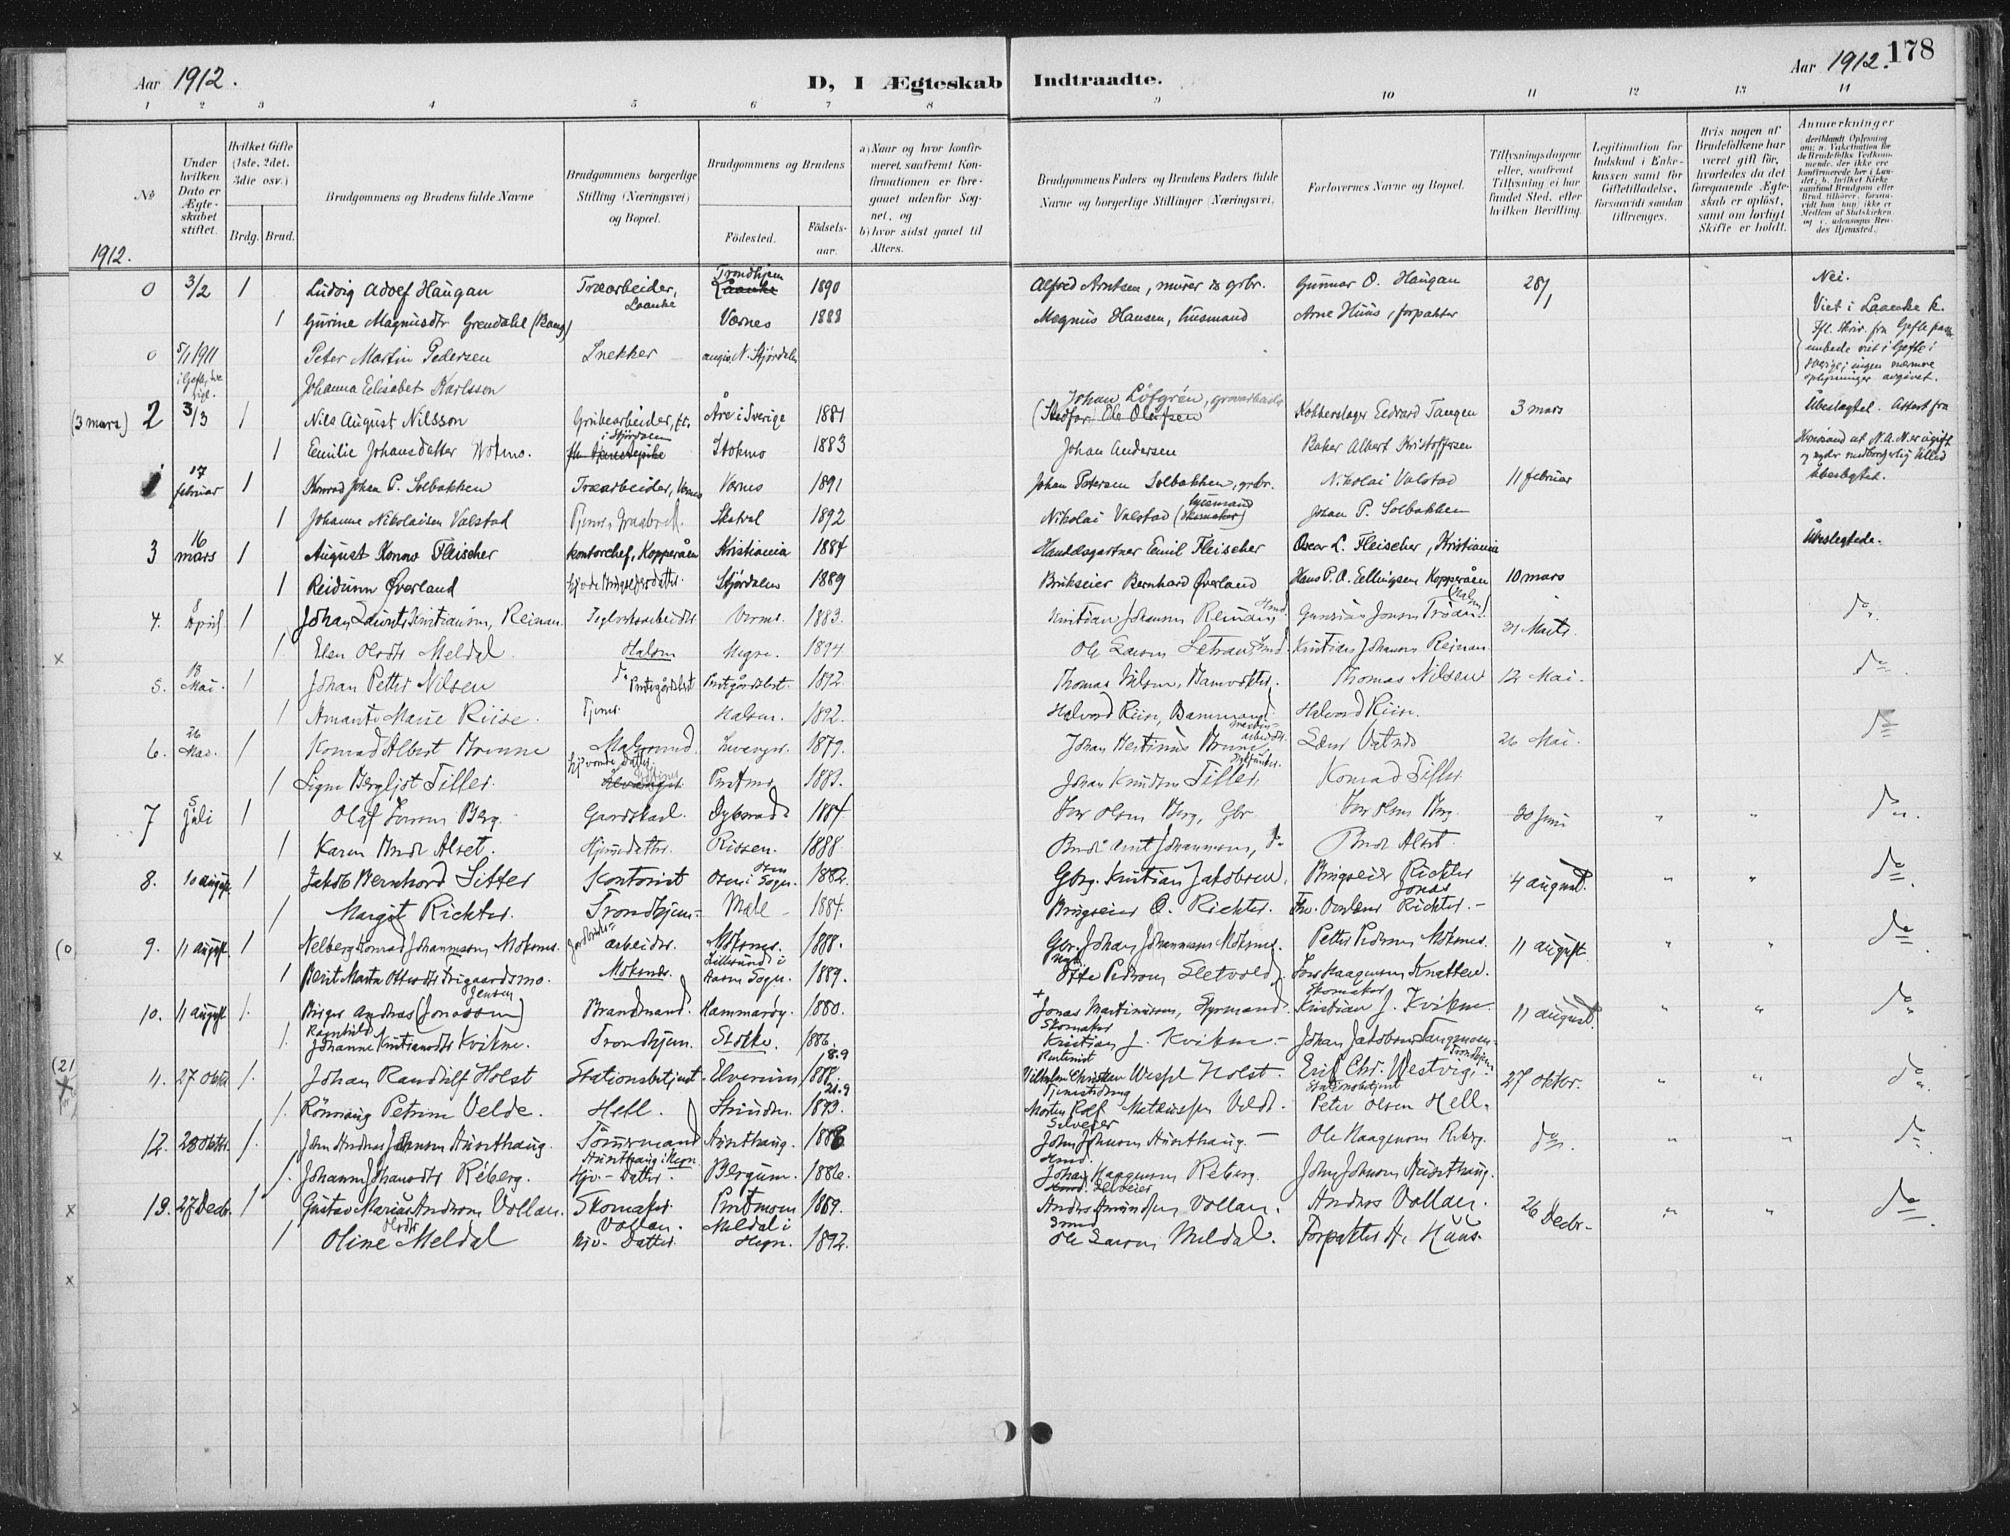 SAT, Ministerialprotokoller, klokkerbøker og fødselsregistre - Nord-Trøndelag, 709/L0082: Ministerialbok nr. 709A22, 1896-1916, s. 178